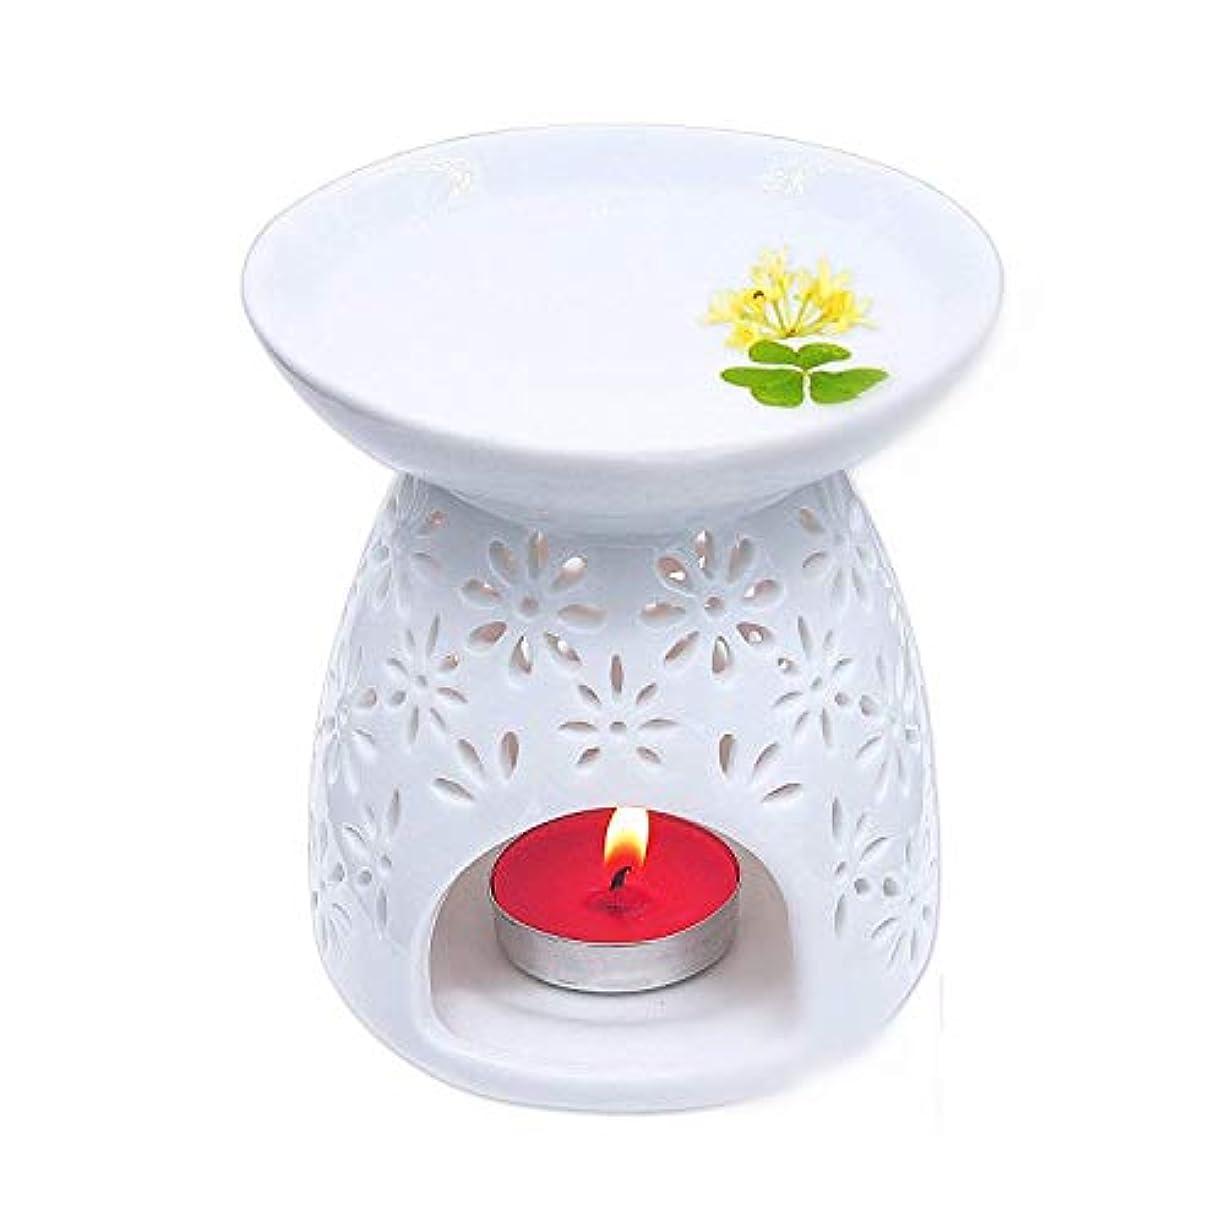 有益デコレーションリラックスしたPursue 茶香炉 アロマ炉 香炉 陶器 精油 香炉置物 薫香 インテリア アロマディフューザー 中空の彫刻工 消臭と癒し おしゃれ